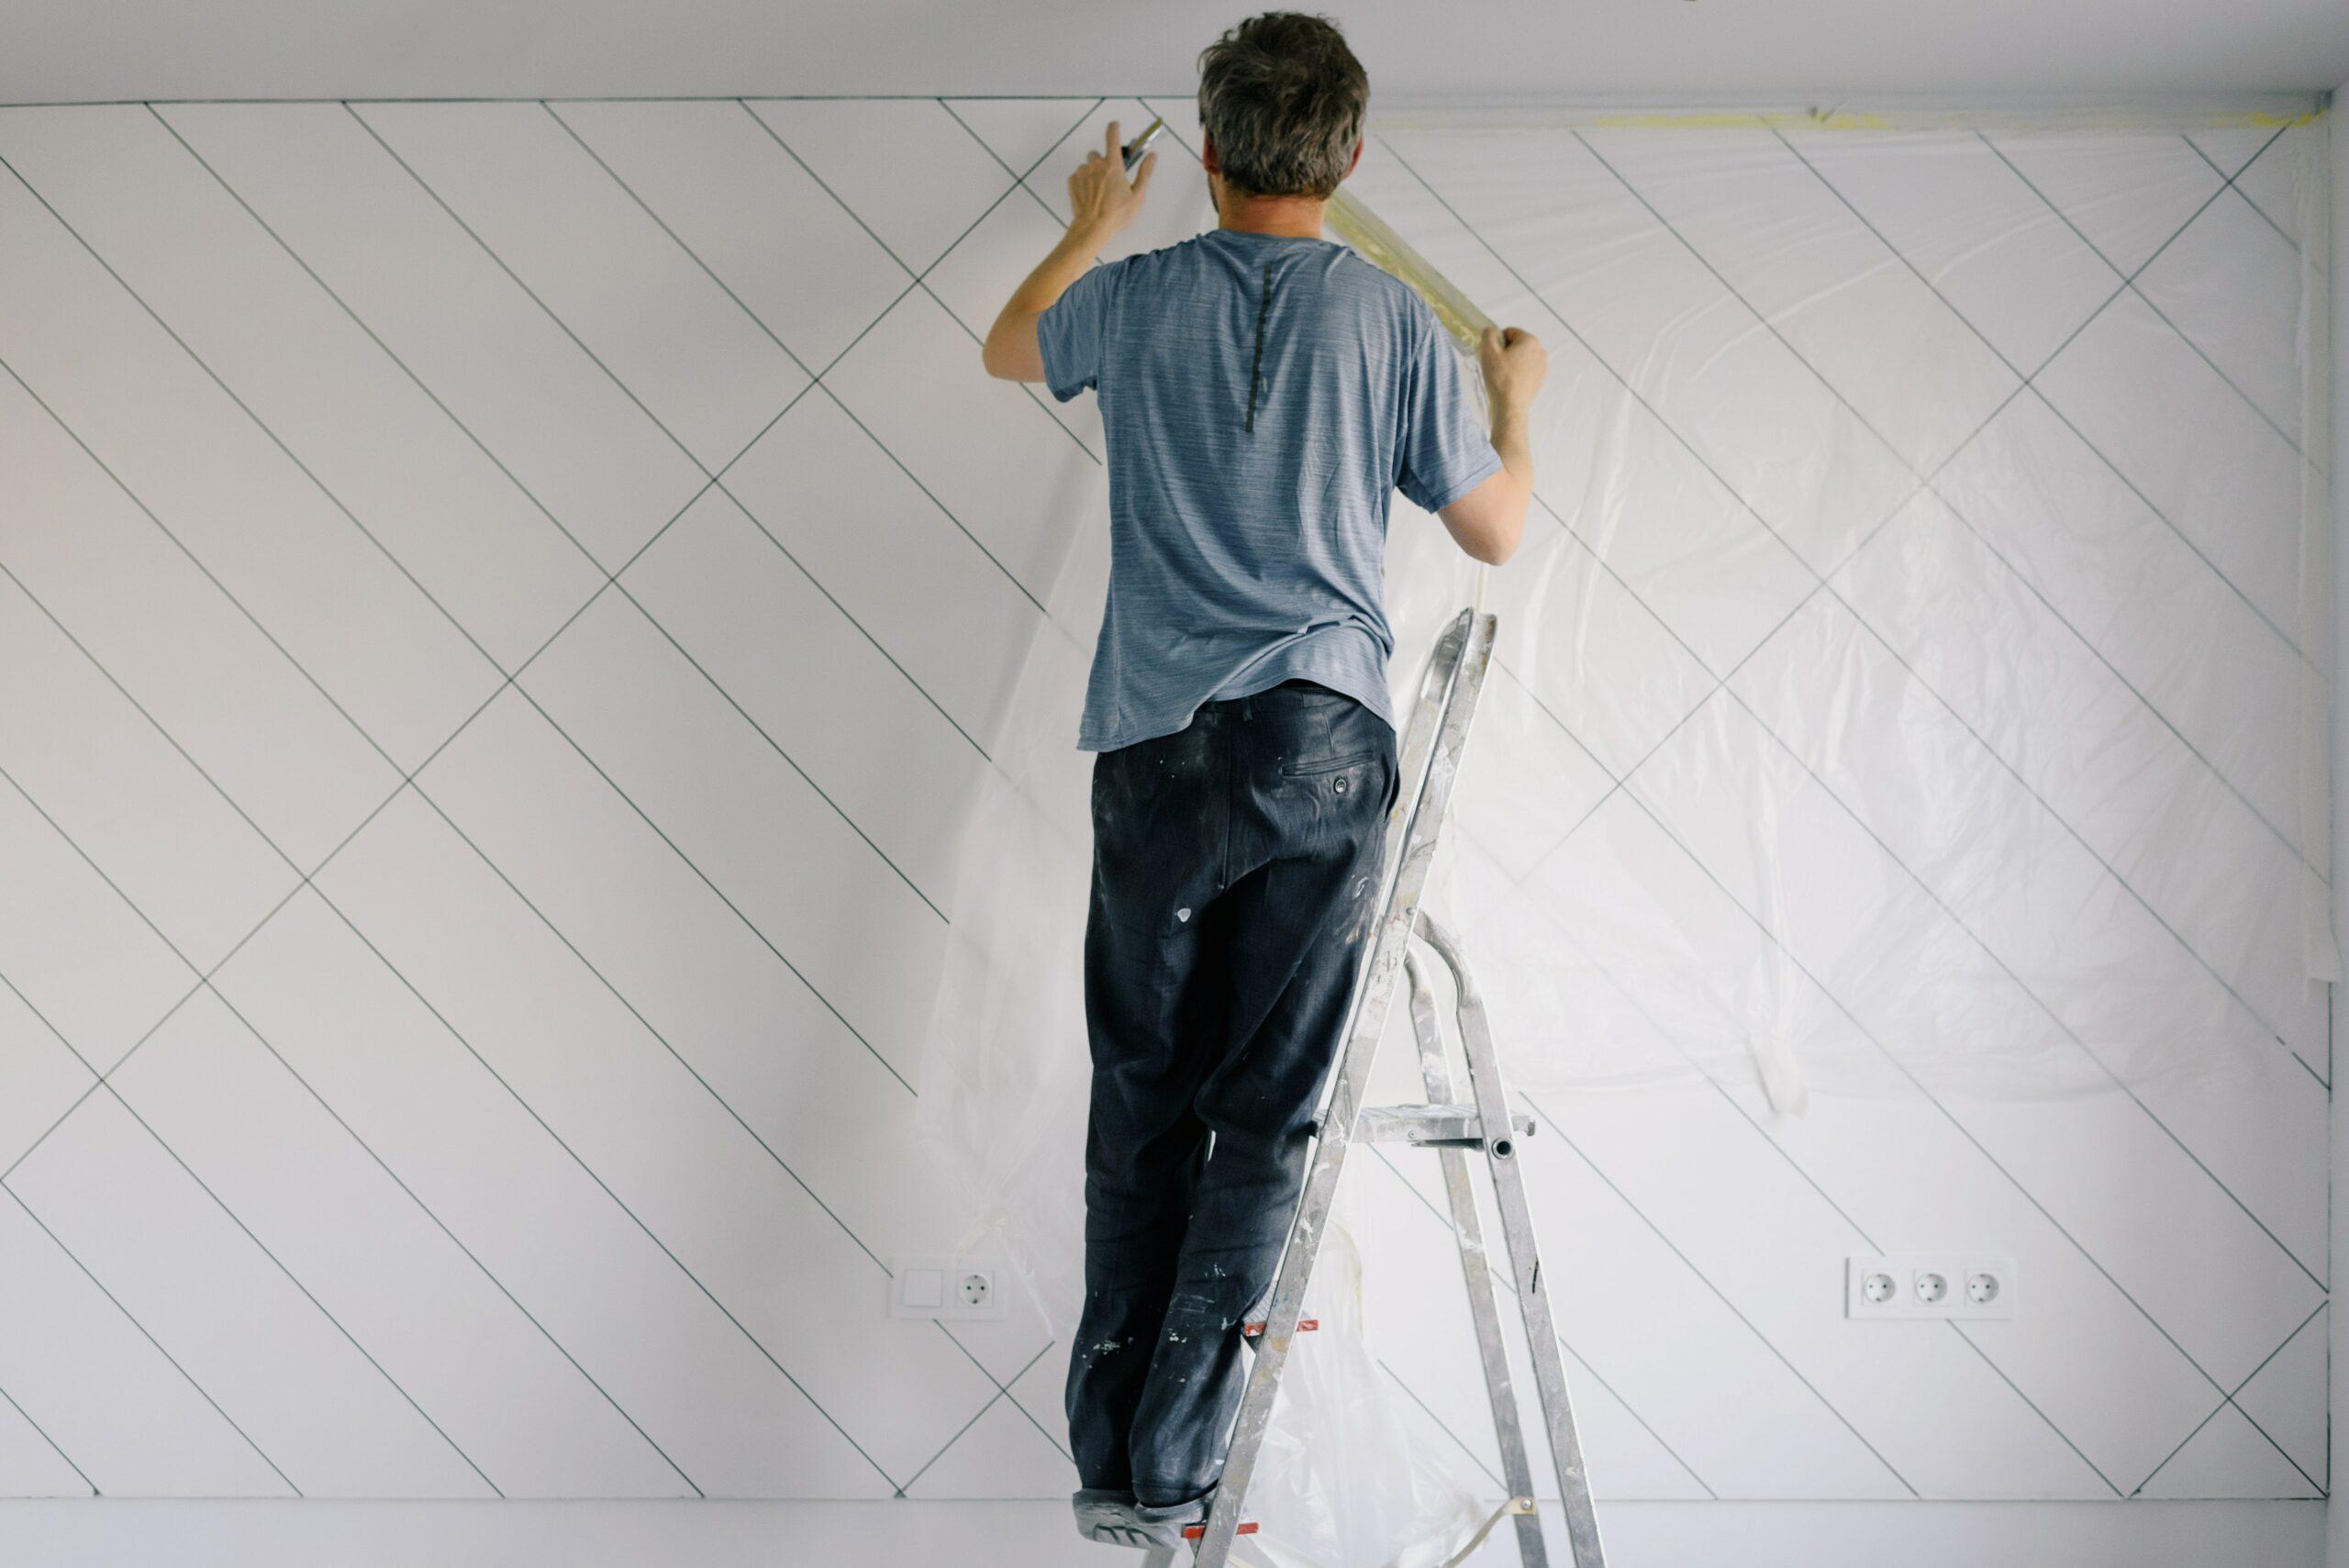 man painting walls